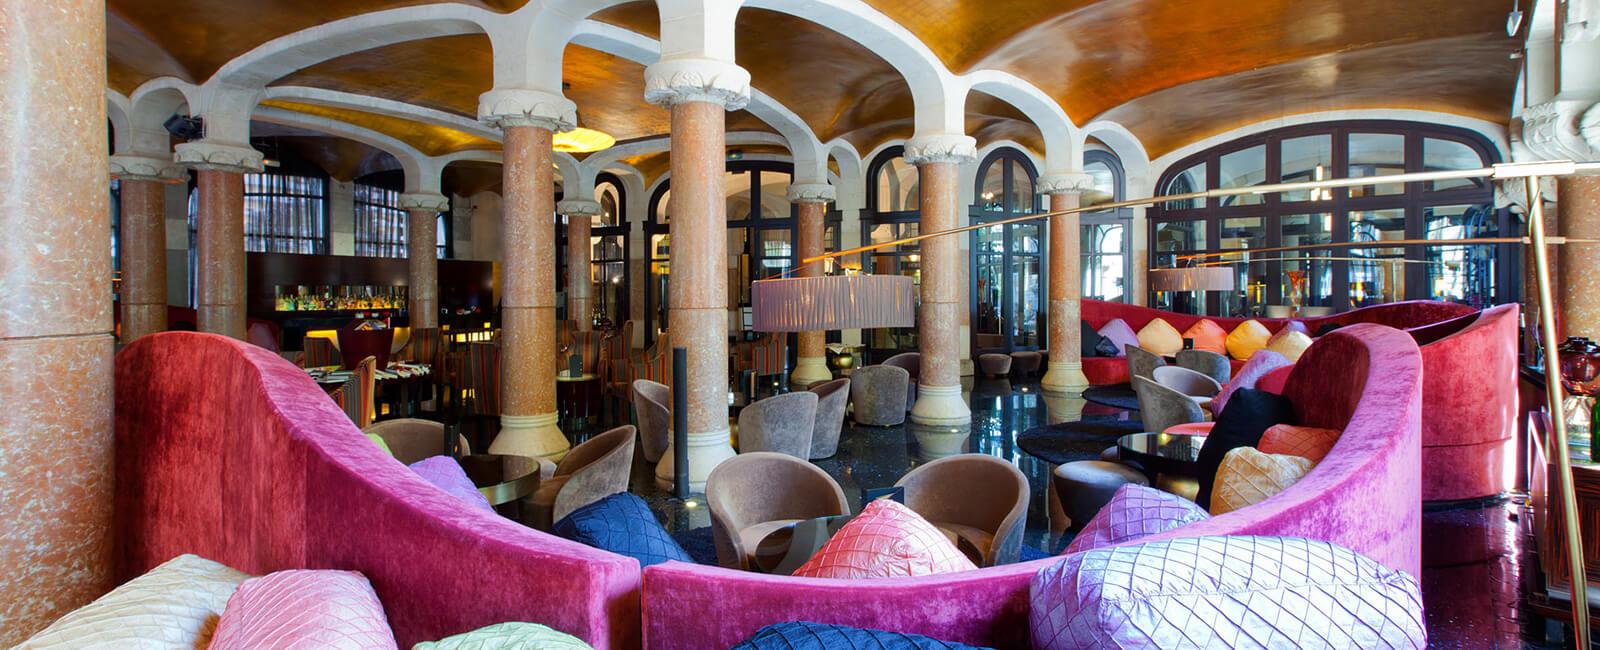 Café Vienés Barcelona Hotel Casa Fuster